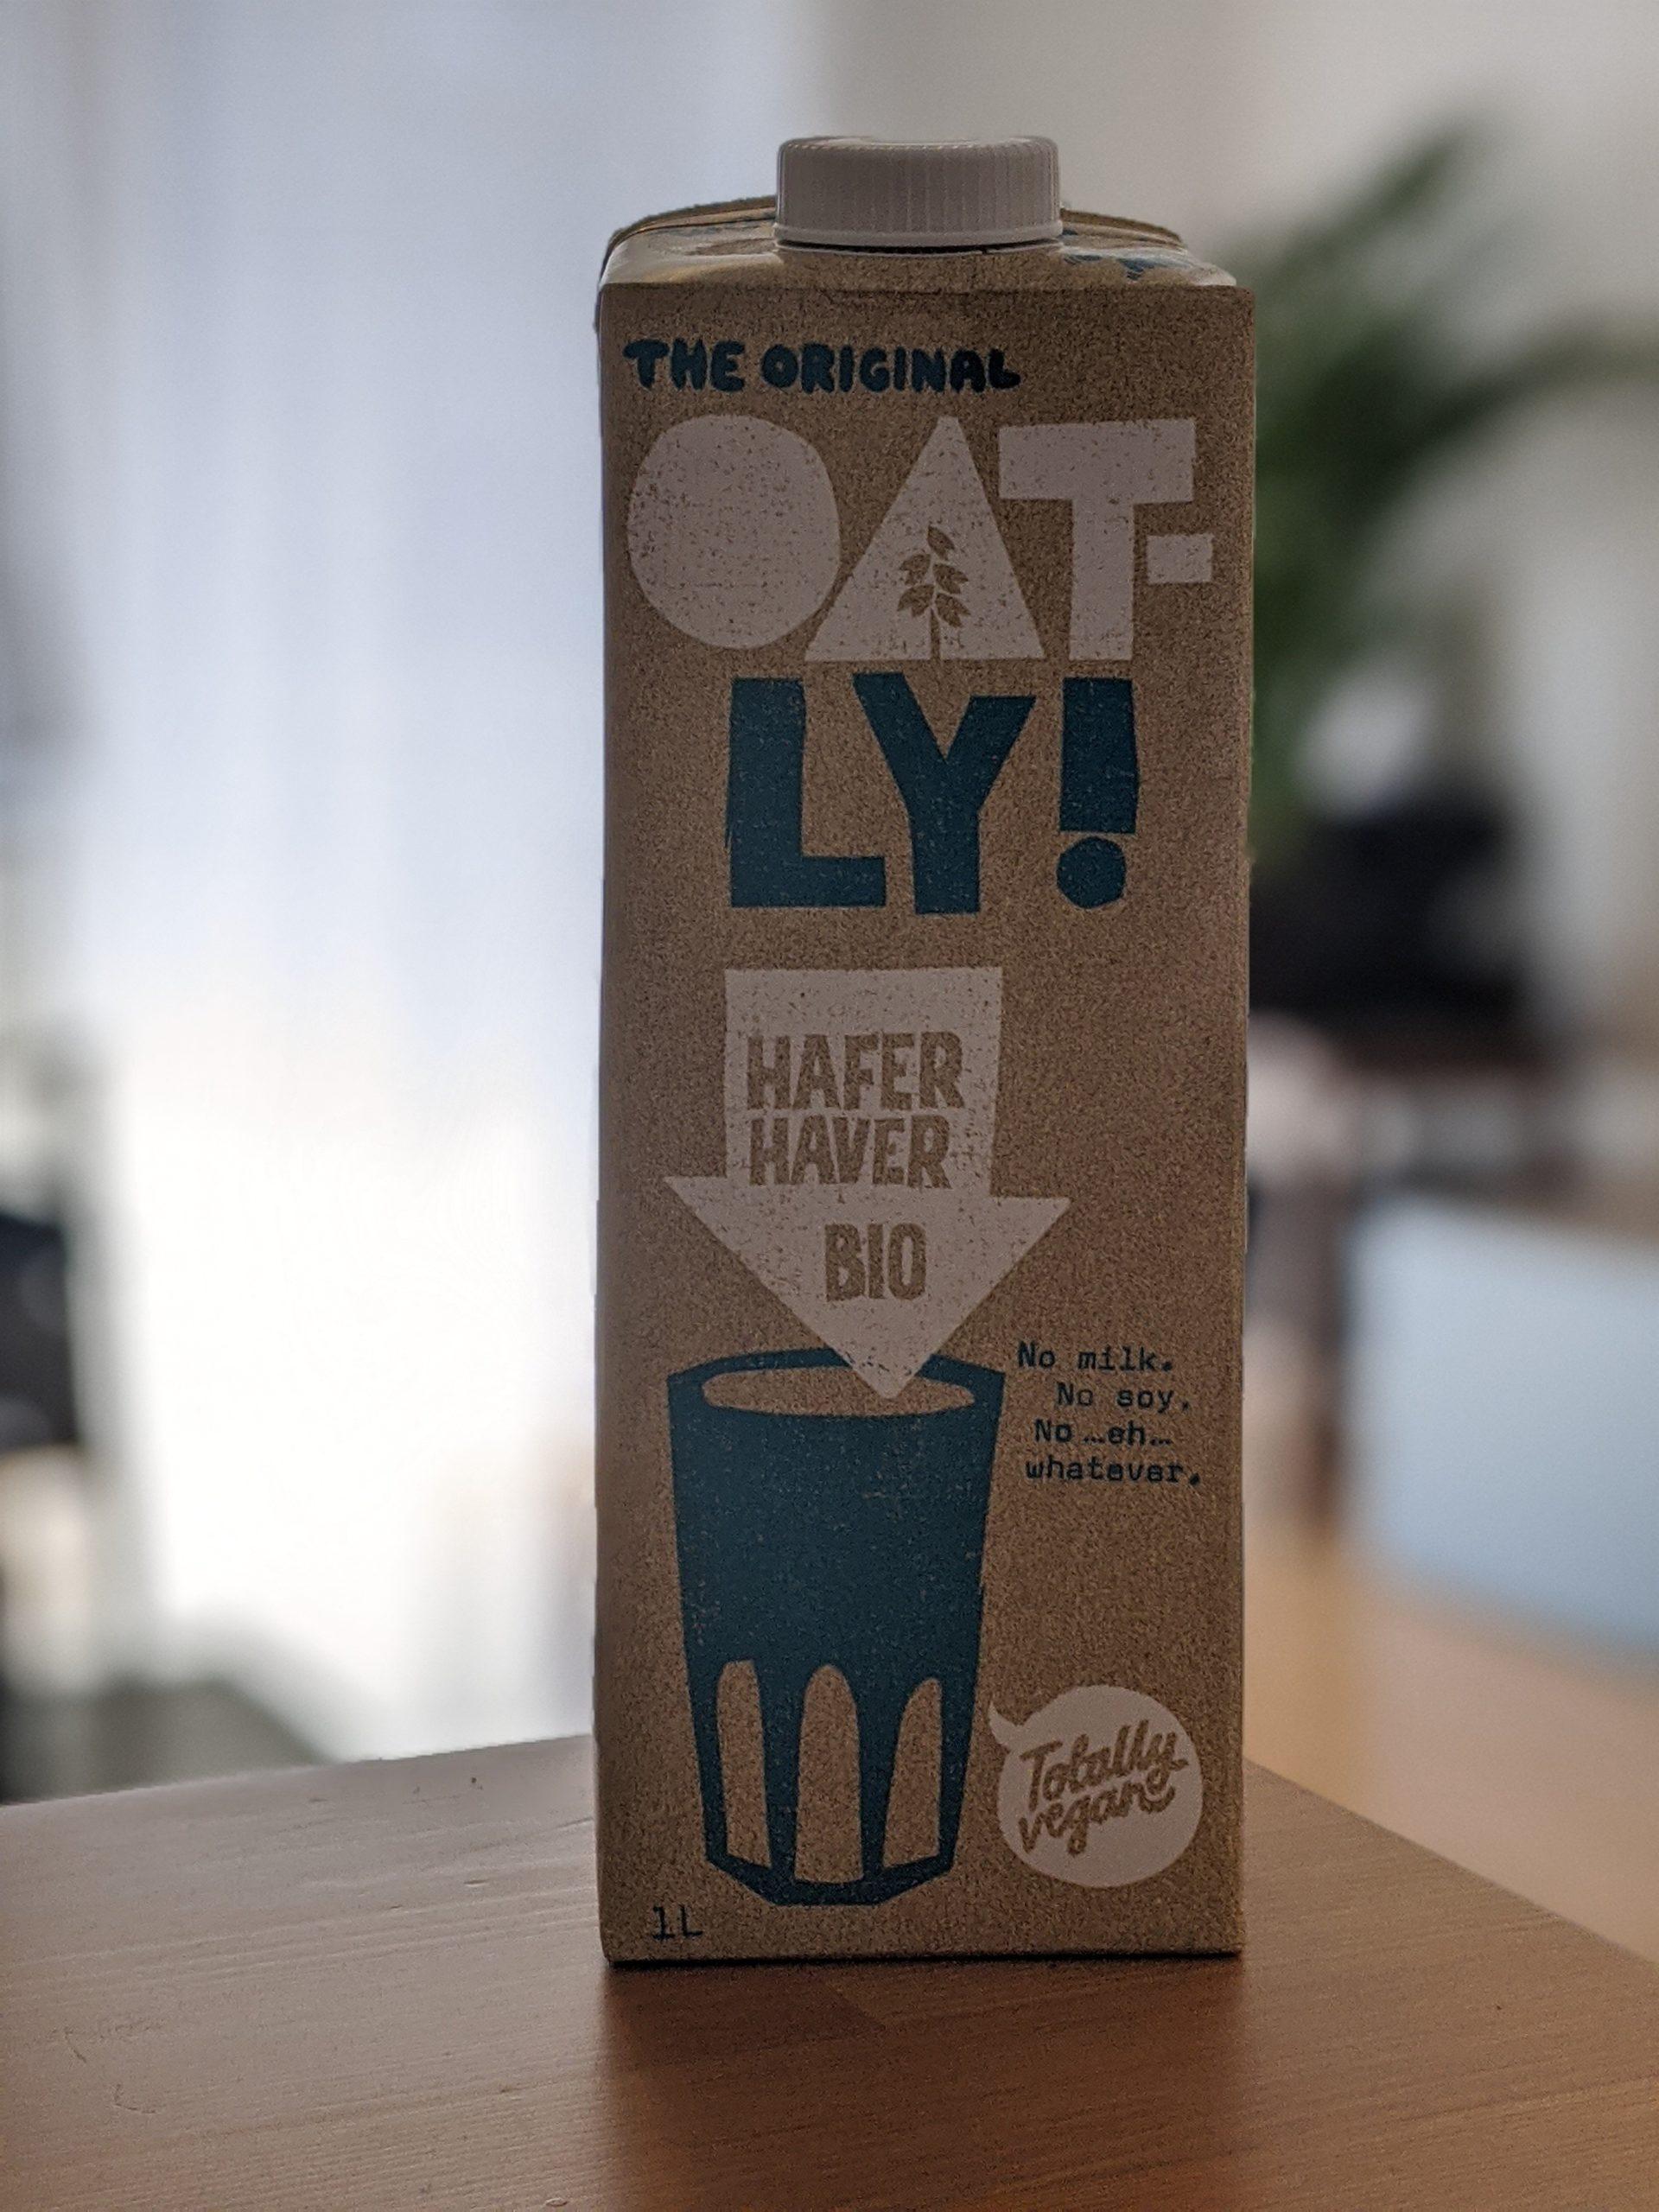 """Foto einer Packung Hafermilch, auf der geschrieben ist: """"No milk. No soy. No…eh – whatever."""""""